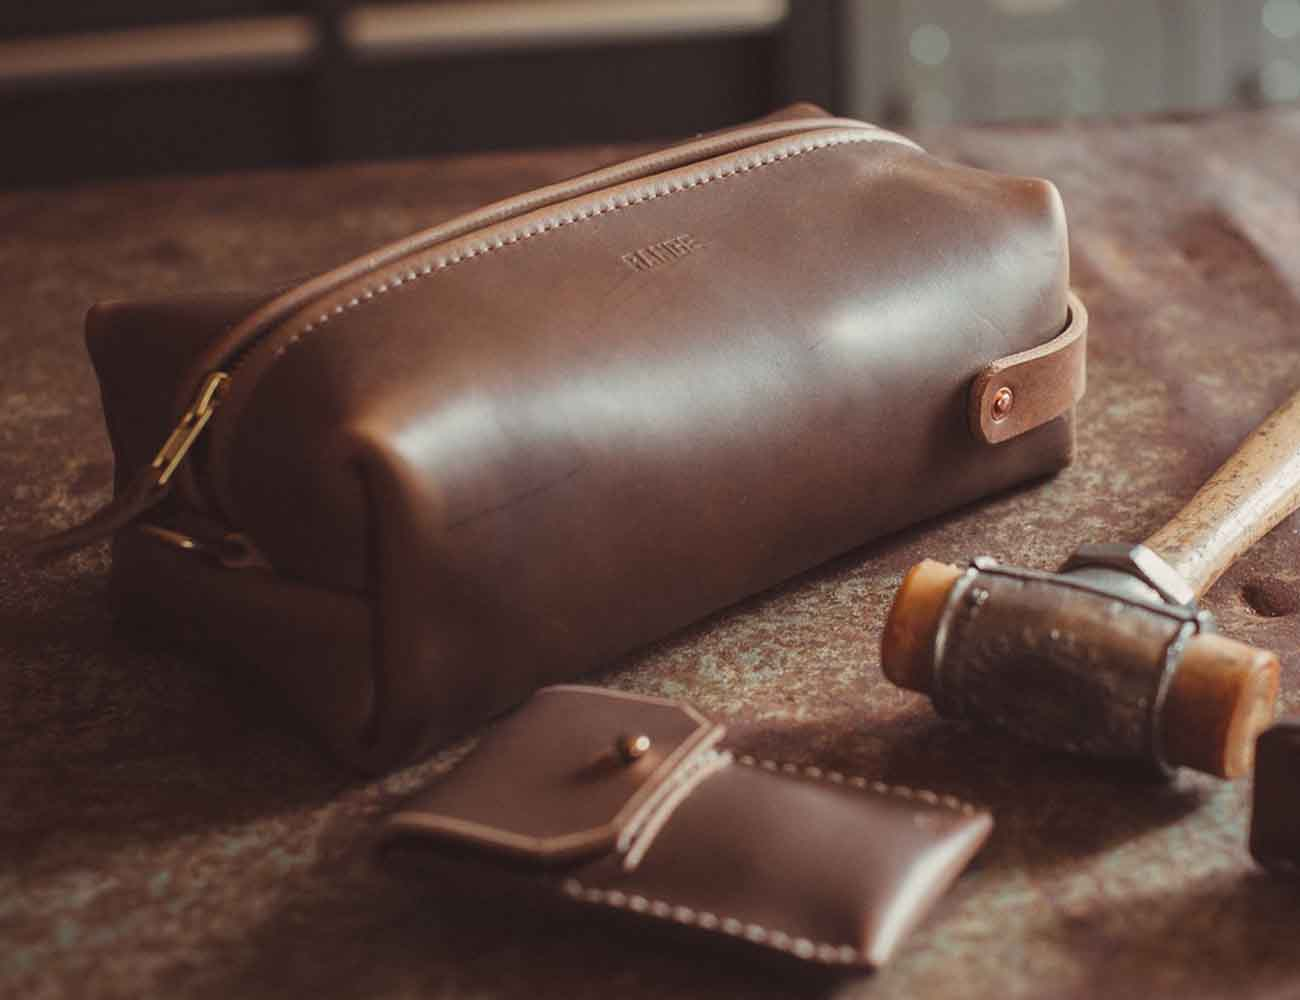 Travel Razor Case & Dopp Kit